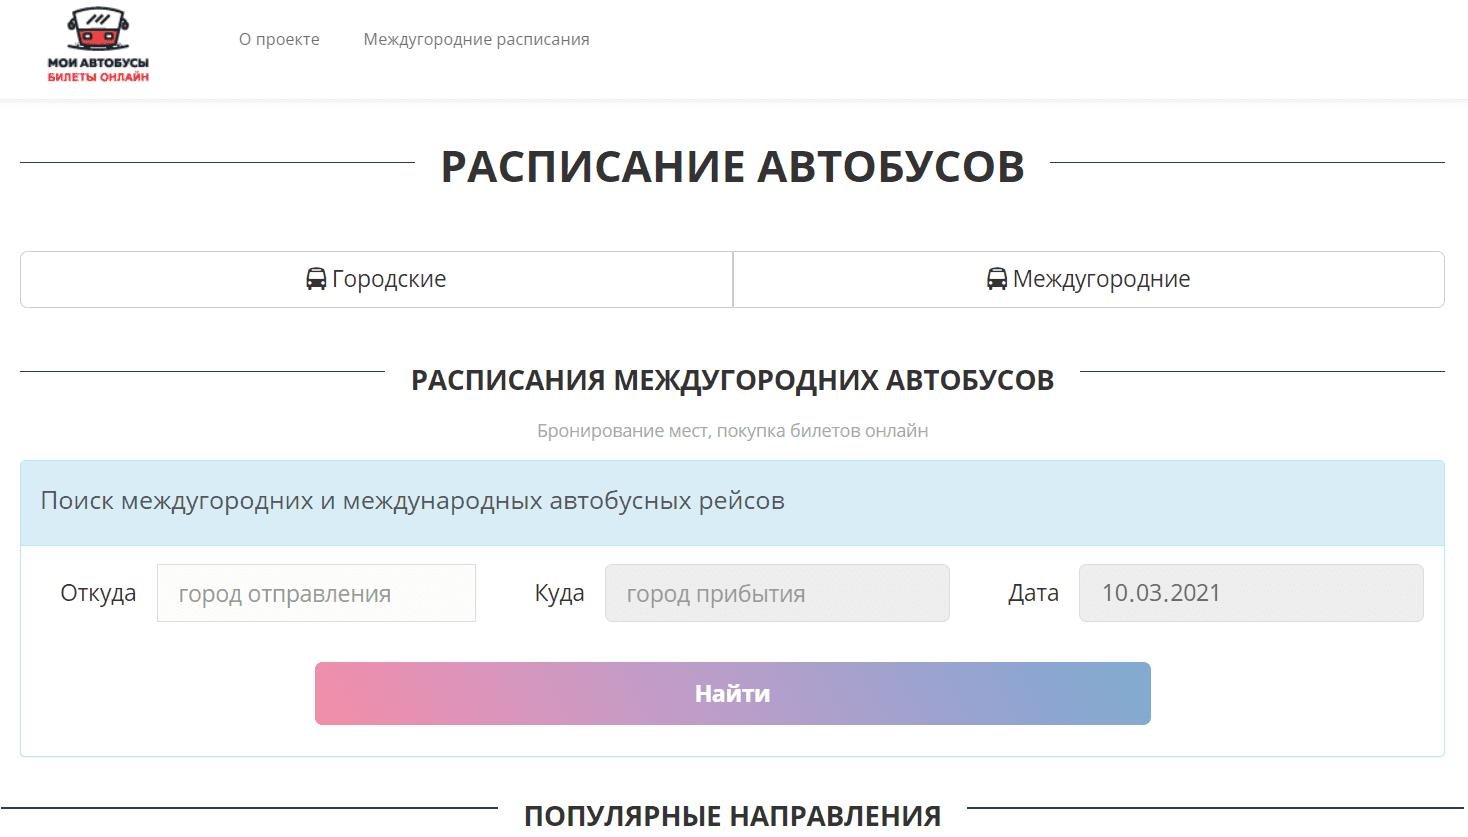 Полный SEO/Юзабилити аудит сайта с графиками движения транспорта - кейс iPapus Agency